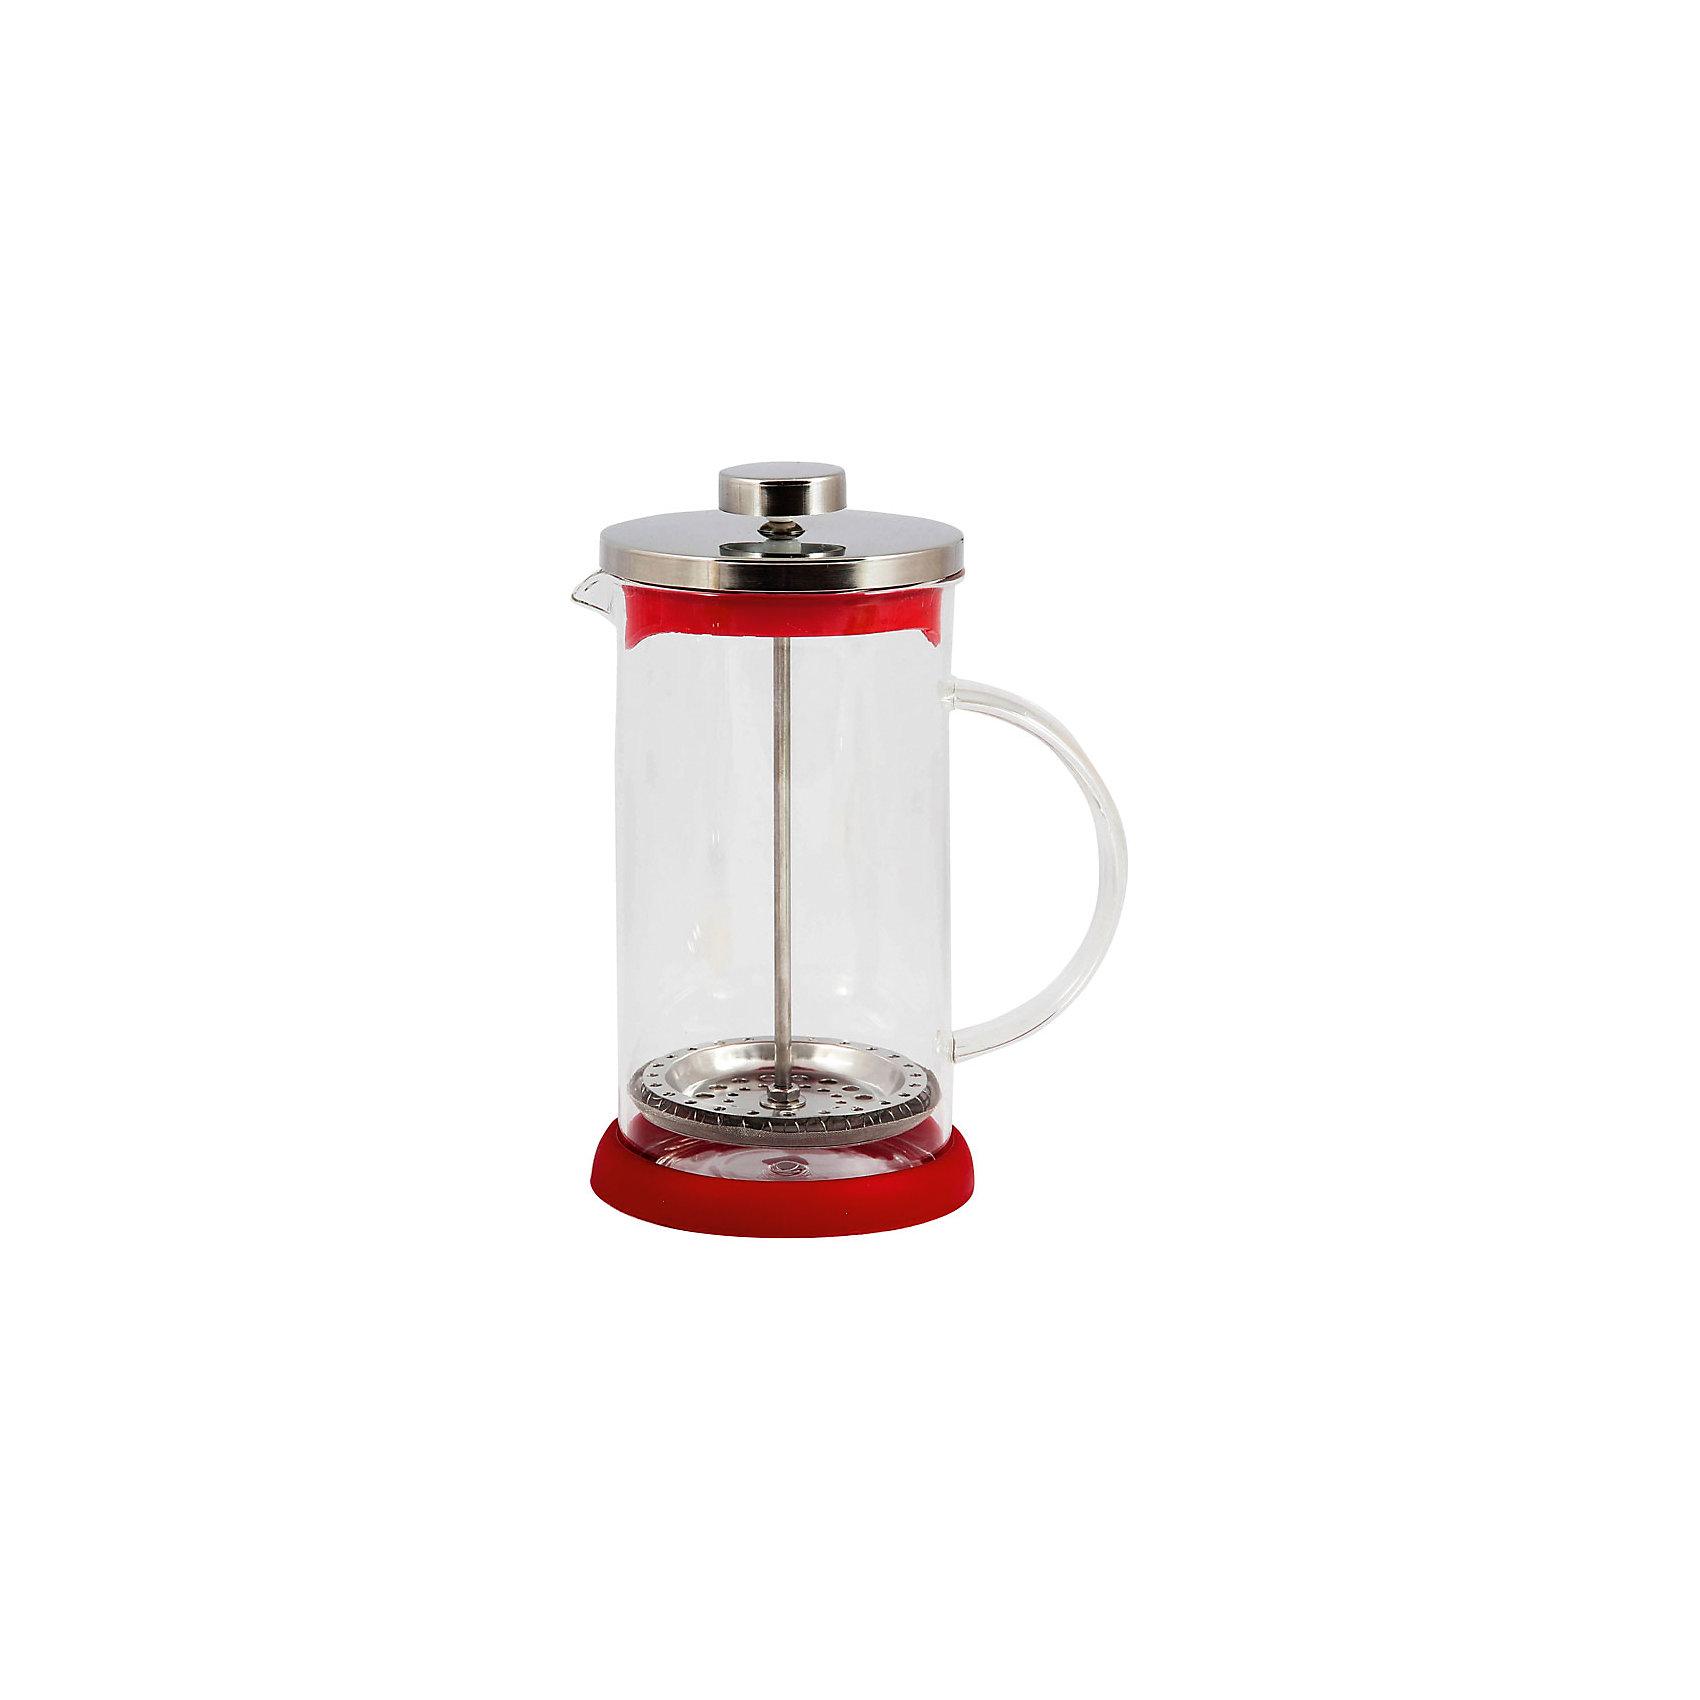 Кофе-пресс стеклянный GFP01-800ML-R, Mallony, красныйЗаварить чай или подать кофе – кофе-пресс Mallony поможет в этом. Прозрачная стеклянная колба дает возможность увидеть насыщенный цвет чая, рассмотреть, как раскрываются чайные листья, набухают и отдают свой цвет, наполняя кухню ароматом свежеприготовленного напитка. После того, как чай настоится, специальный пресс опускается, листья плотно прижимаются ко дну чайника, чаинки не попадают в чашку.<br><br>Дополнительная информация:<br><br>Высота чайника: 19,8 см<br>Объем: 800 мл<br><br>Материал: стекло, нержавеющая сталь, силикон, пластик.<br><br>Упаковка: цветная индивидуальная коробка.<br><br>Кофе-пресс стеклянный GFP01-800ML-R, Mallony, красный можно купить в нашем интернет-магазине.<br><br>Ширина мм: 165<br>Глубина мм: 113<br>Высота мм: 184<br>Вес г: 557<br>Возраст от месяцев: 216<br>Возраст до месяцев: 1080<br>Пол: Унисекс<br>Возраст: Детский<br>SKU: 4989863